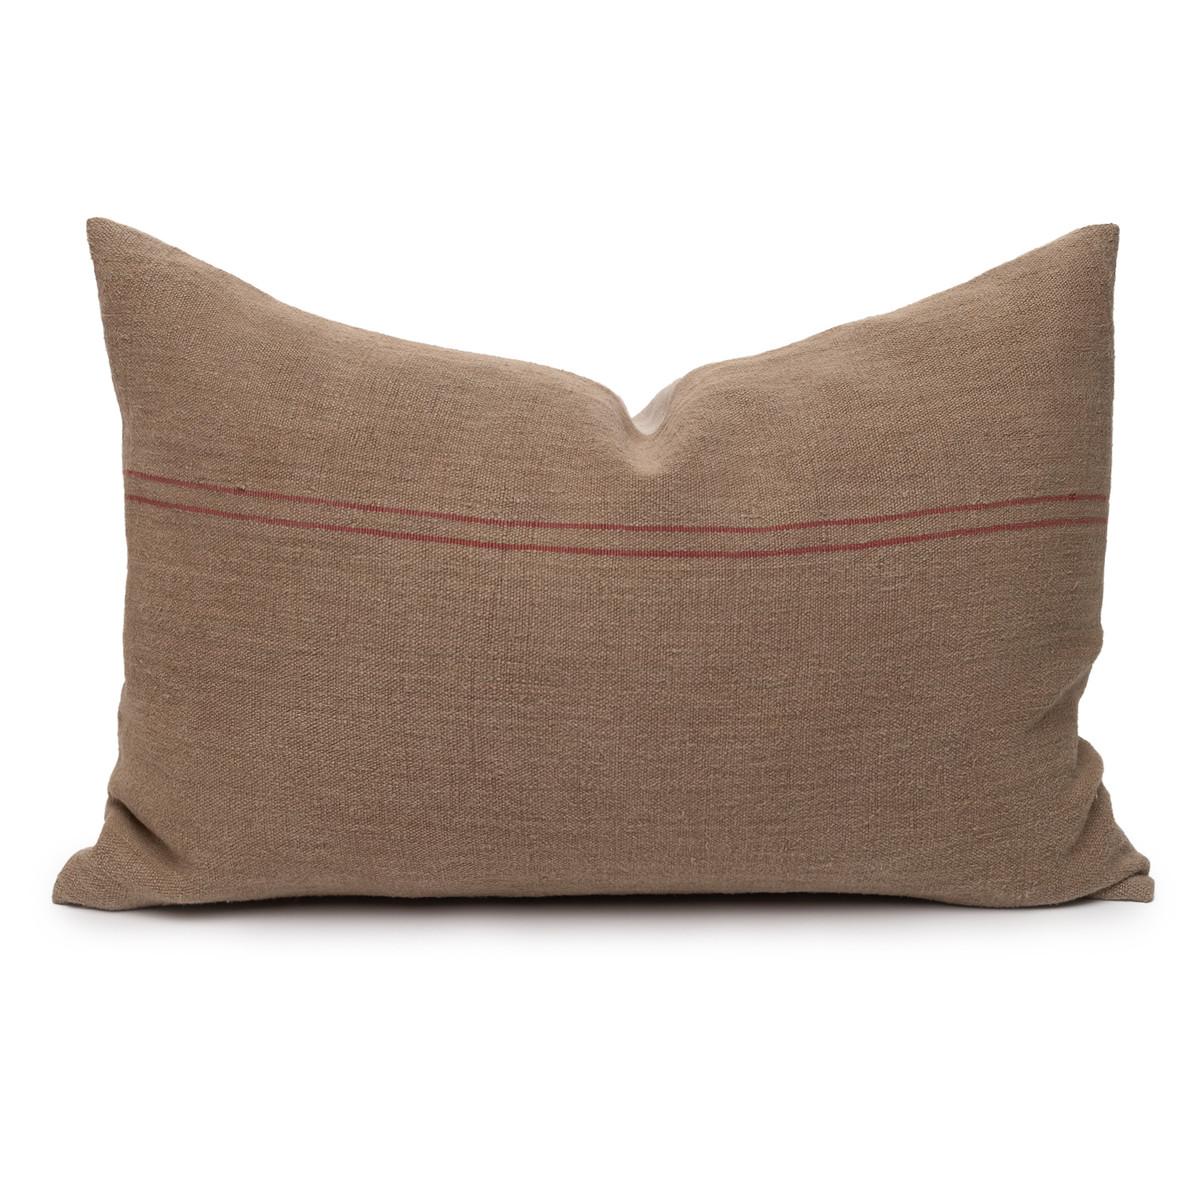 Hemp Stone Lumbar Pillow - 17 x 26 - Front